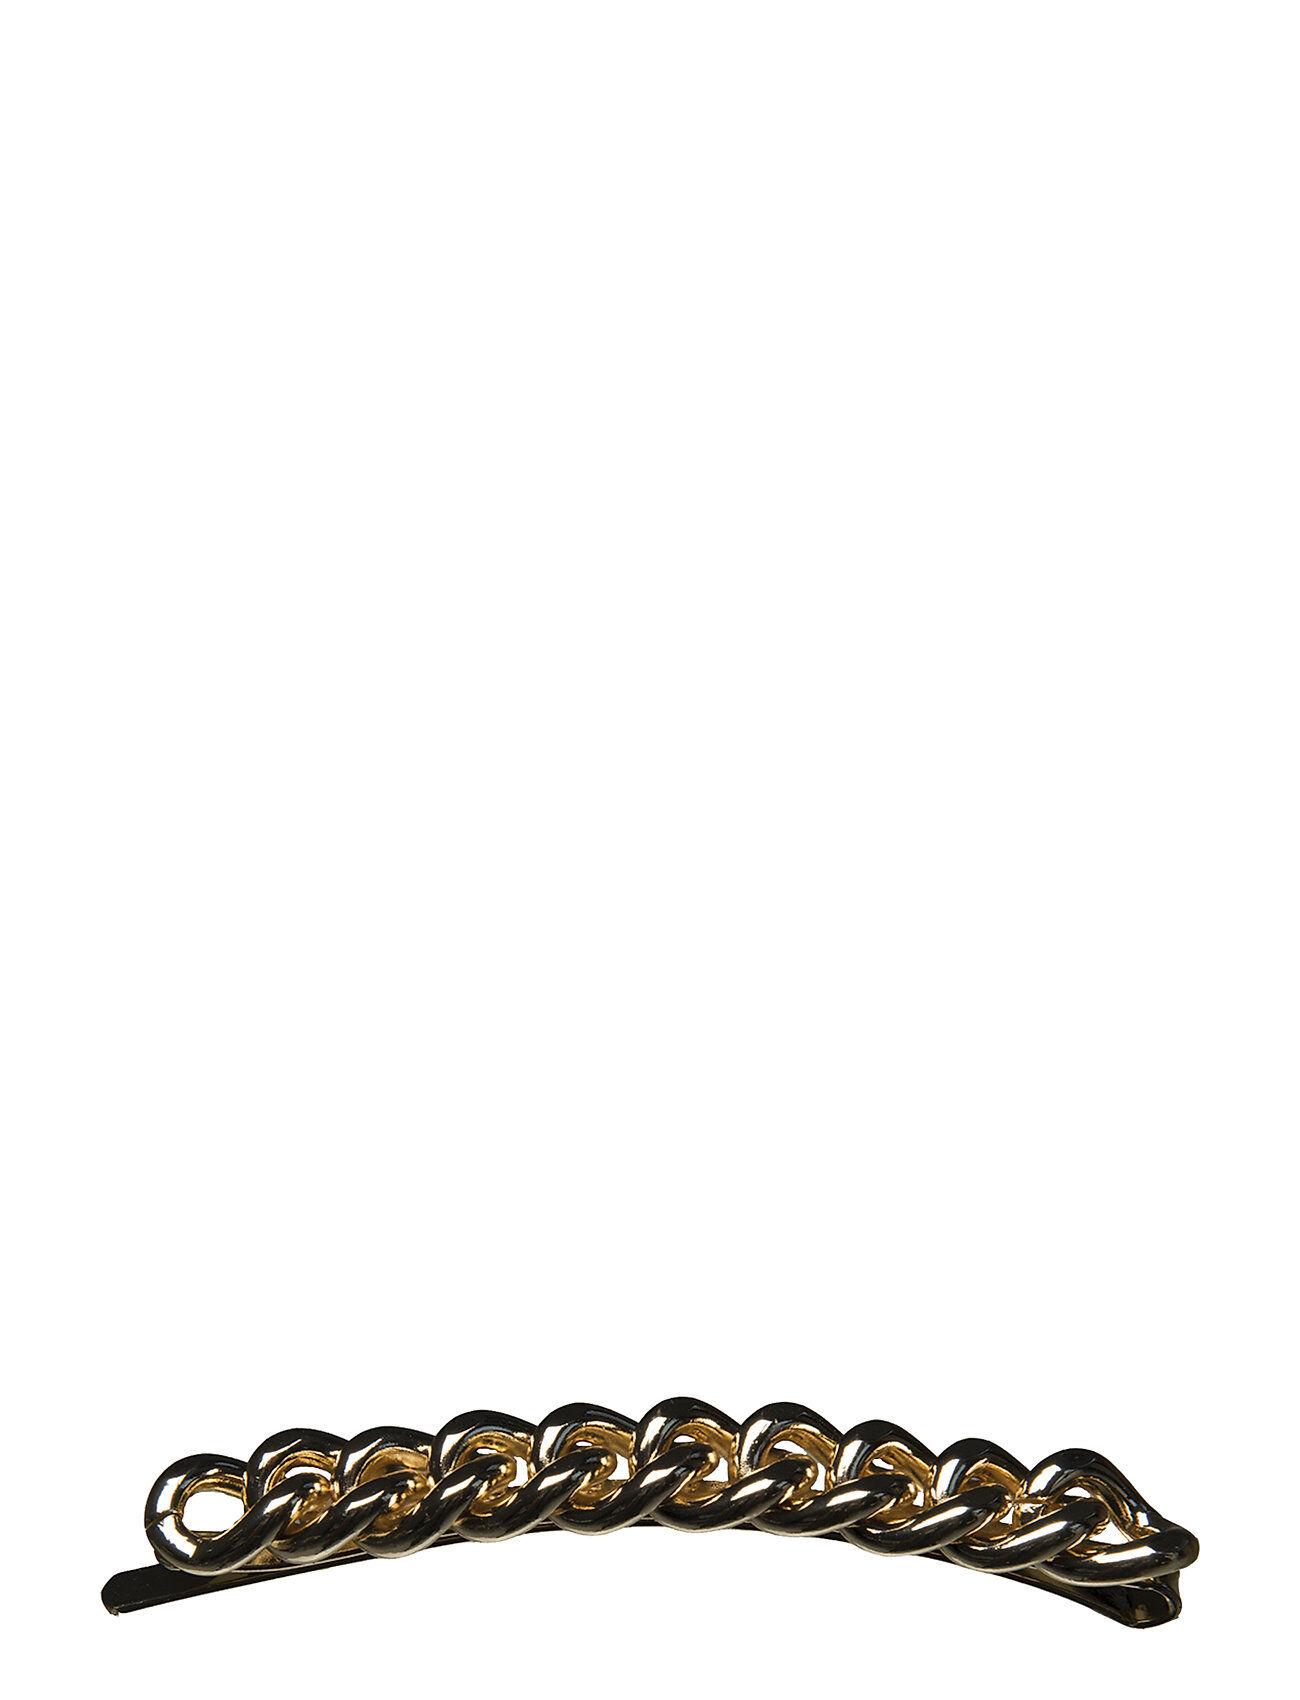 Corinne Hairgrip Chain